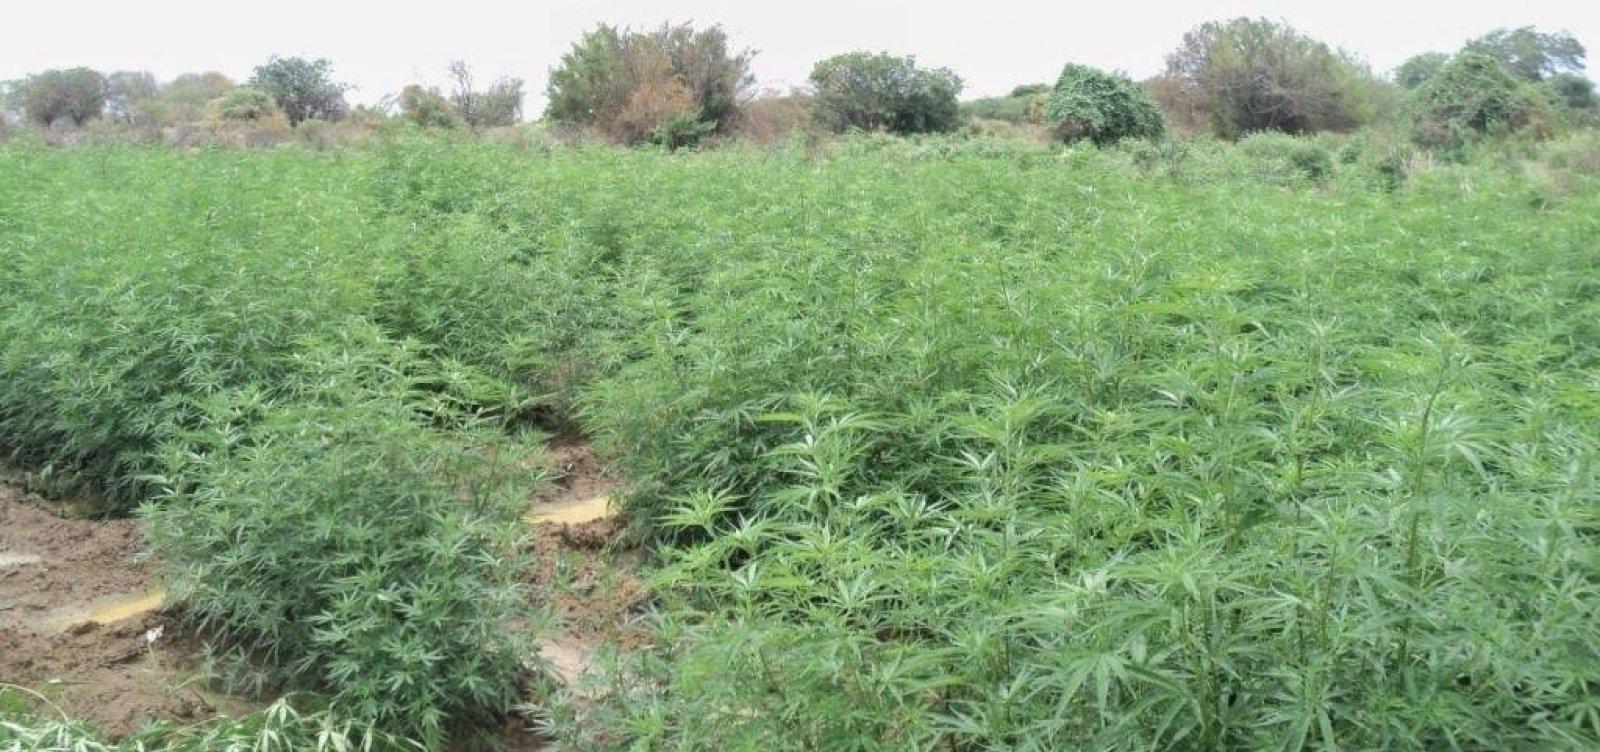 [Plantação com 30 mil pés de maconha é erradicada no interior da Bahia]